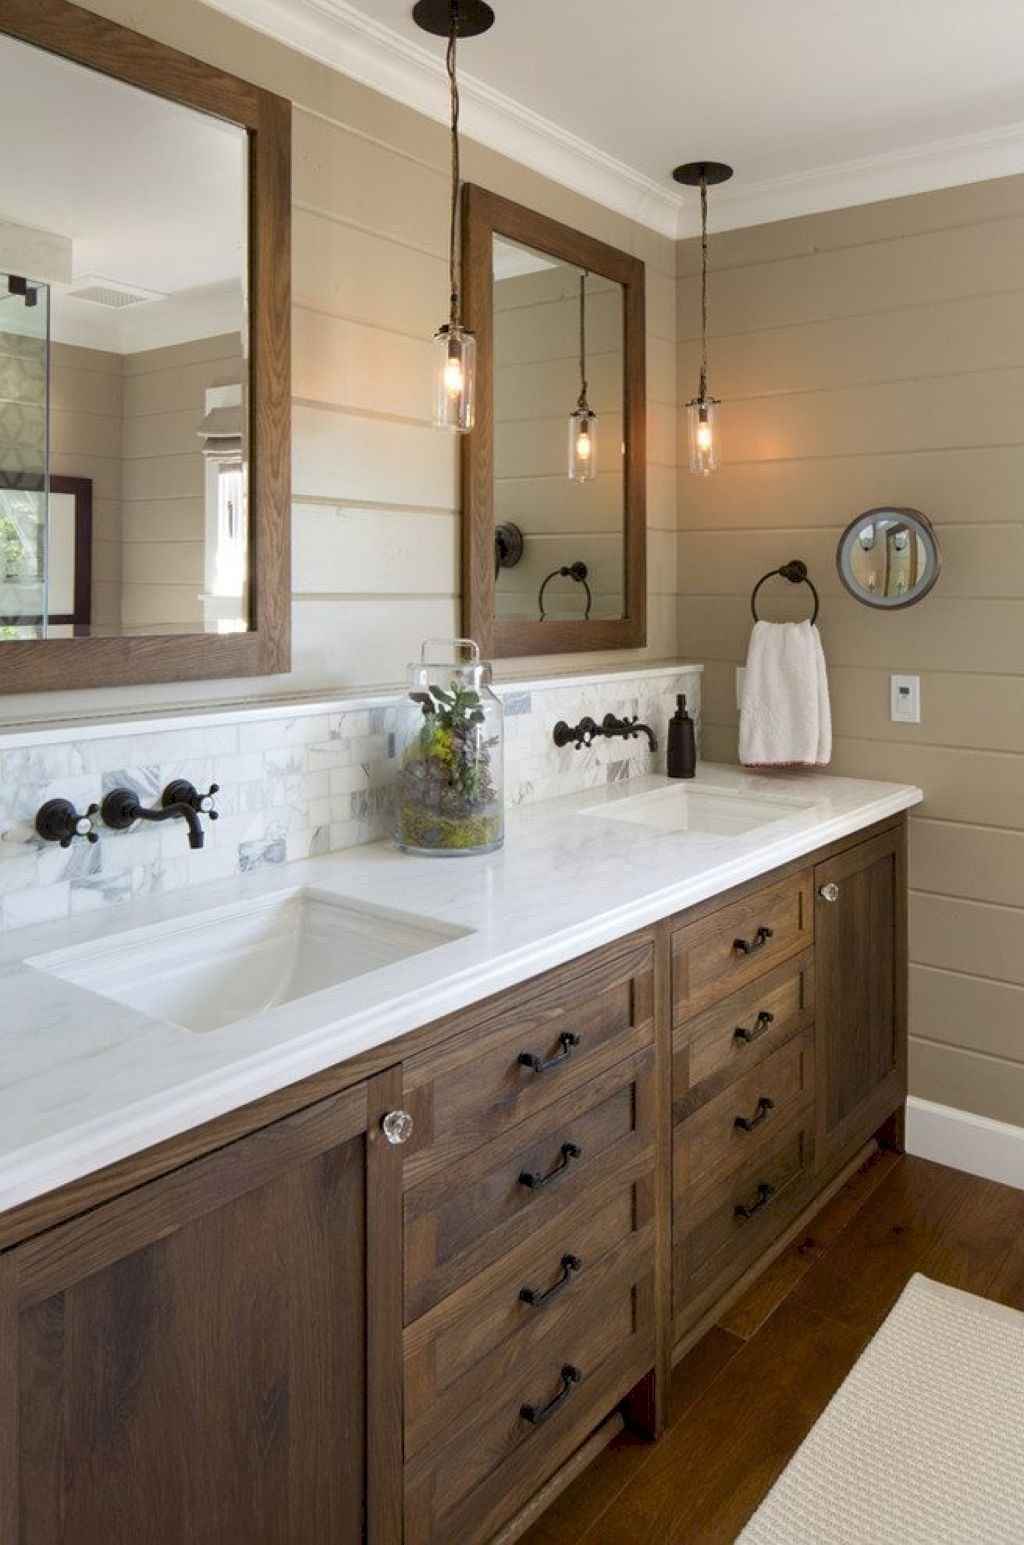 125 Stunning Farmhouse Bathroom Vanity Decor Ideas Bathroom Vanity Decor Budget Bathroom Remodel Modern Farmhouse Bathroom